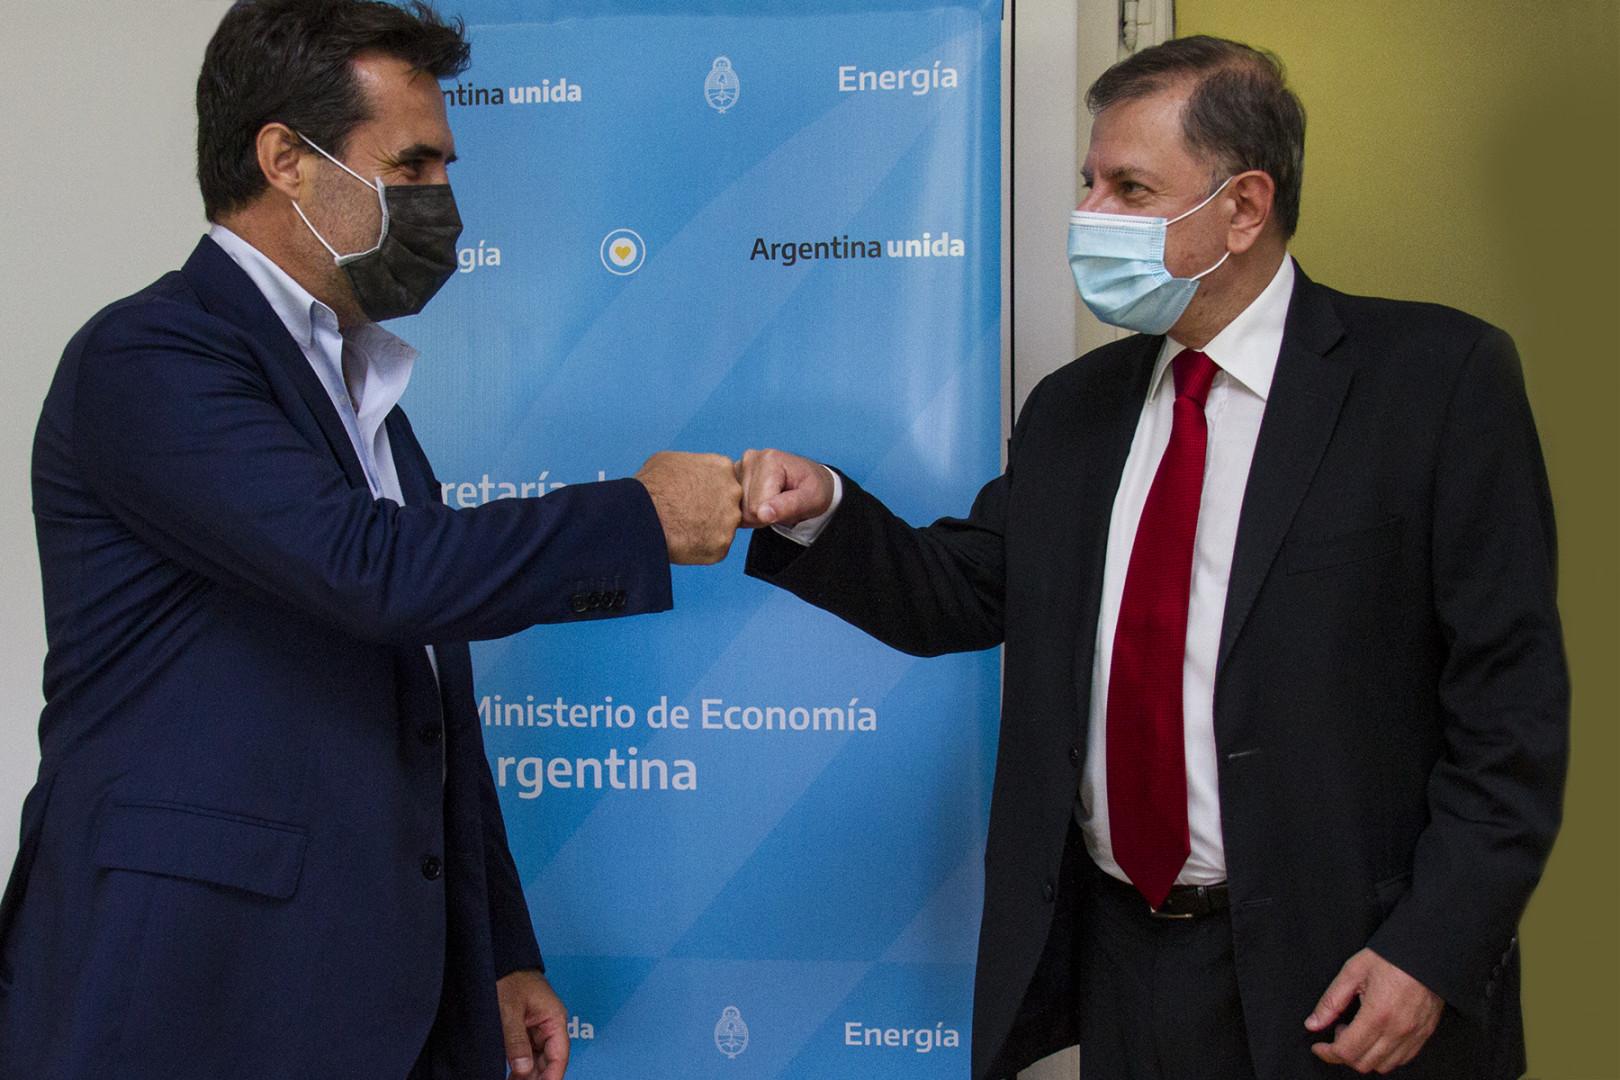 El 25 de febrero el secretario de Energía, Darío Martínez, mantuvo un encuentro con el embajador argentino en la Federación Rusa, Eduardo Zuain, en donde analizaron diversas posibilidades de intercambio comercial en materia energética entre ambos países.